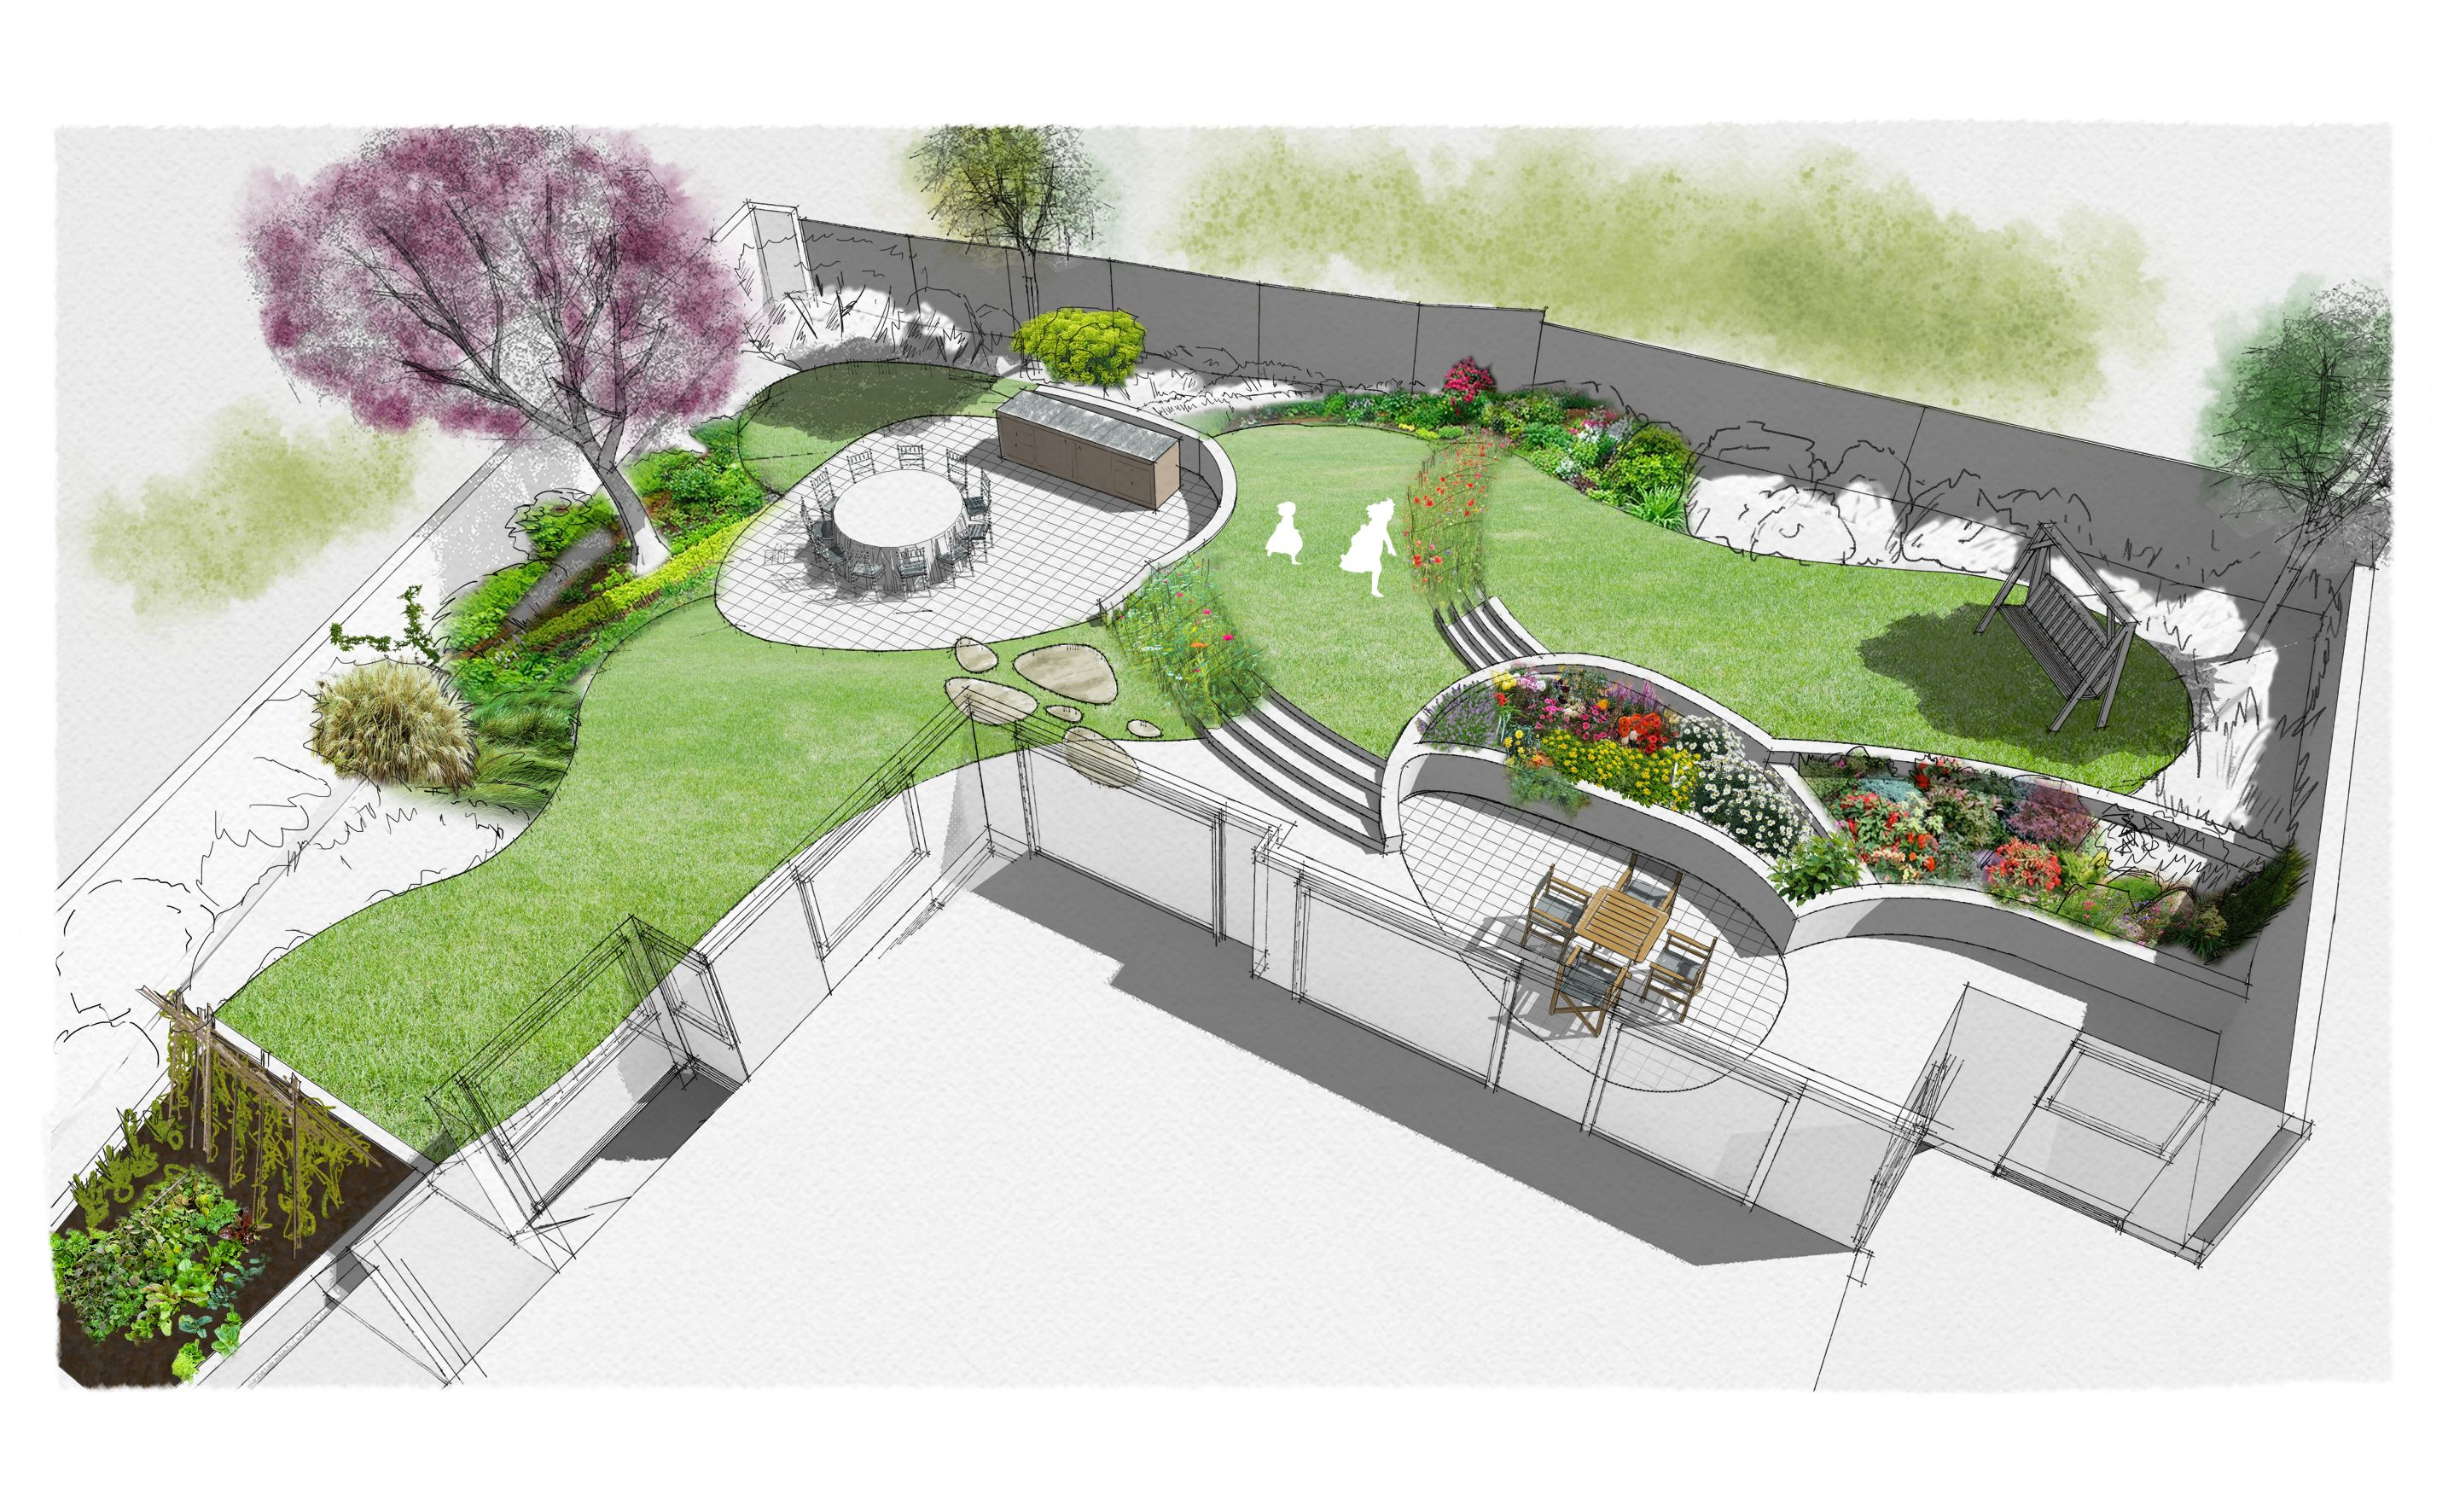 How To Plan Your Vegetable Garden Garden Planning Vegetable Garden Garden Tours